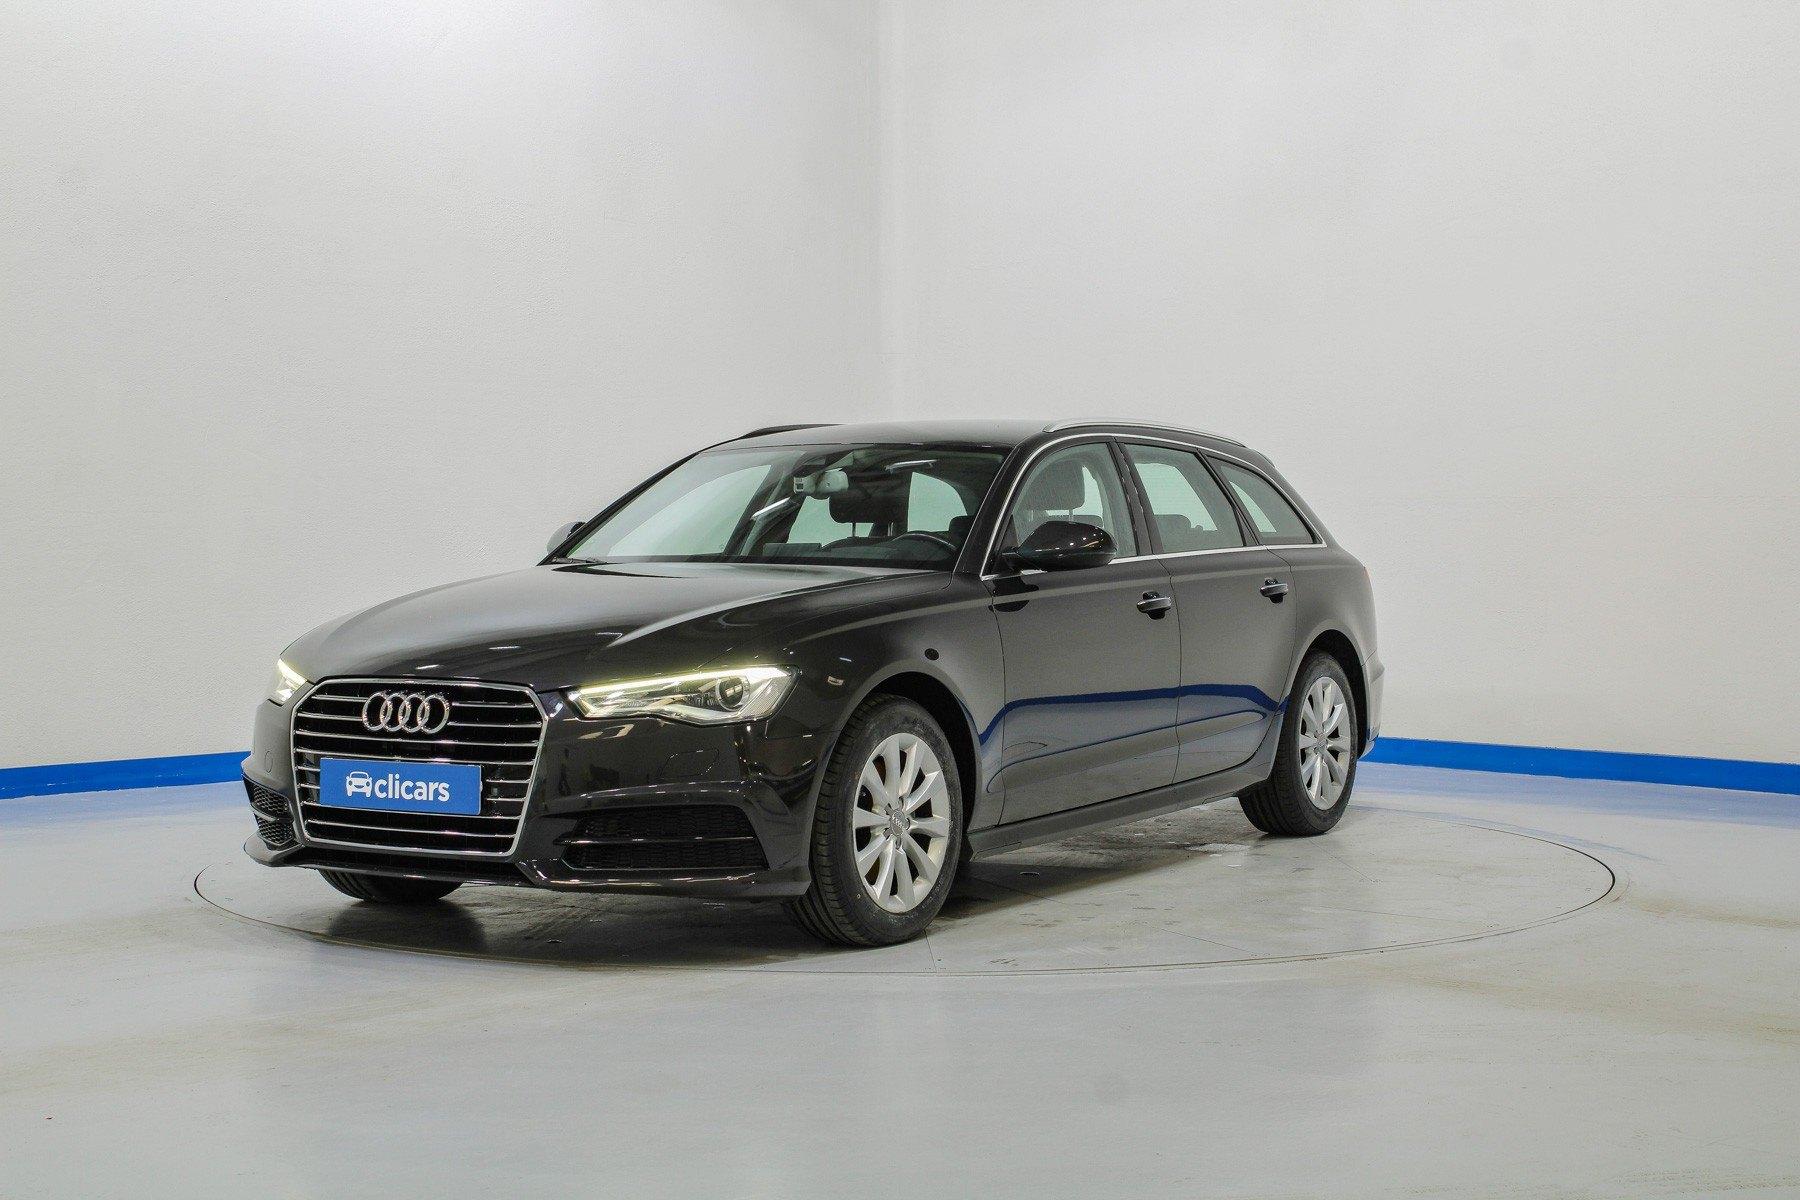 Audi A6 Diésel 2.0 TDI 140kW(190CV) ultra S tron Avant 1